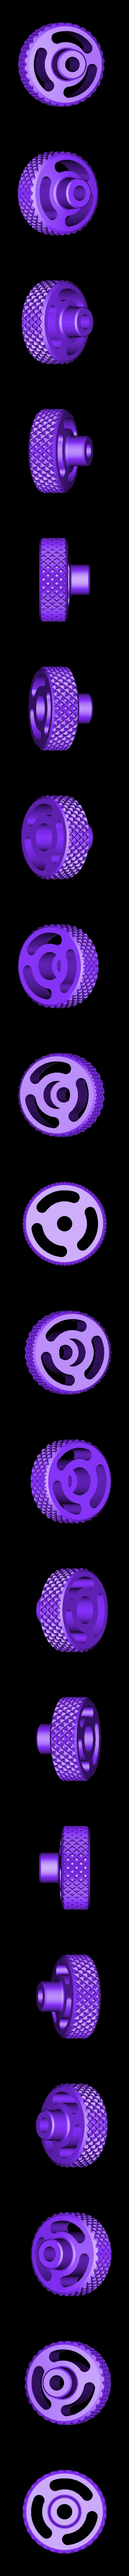 Knob-Bolt_M6.STL Télécharger fichier STL gratuit Boulon de bouton M6 • Modèle imprimable en 3D, perinski